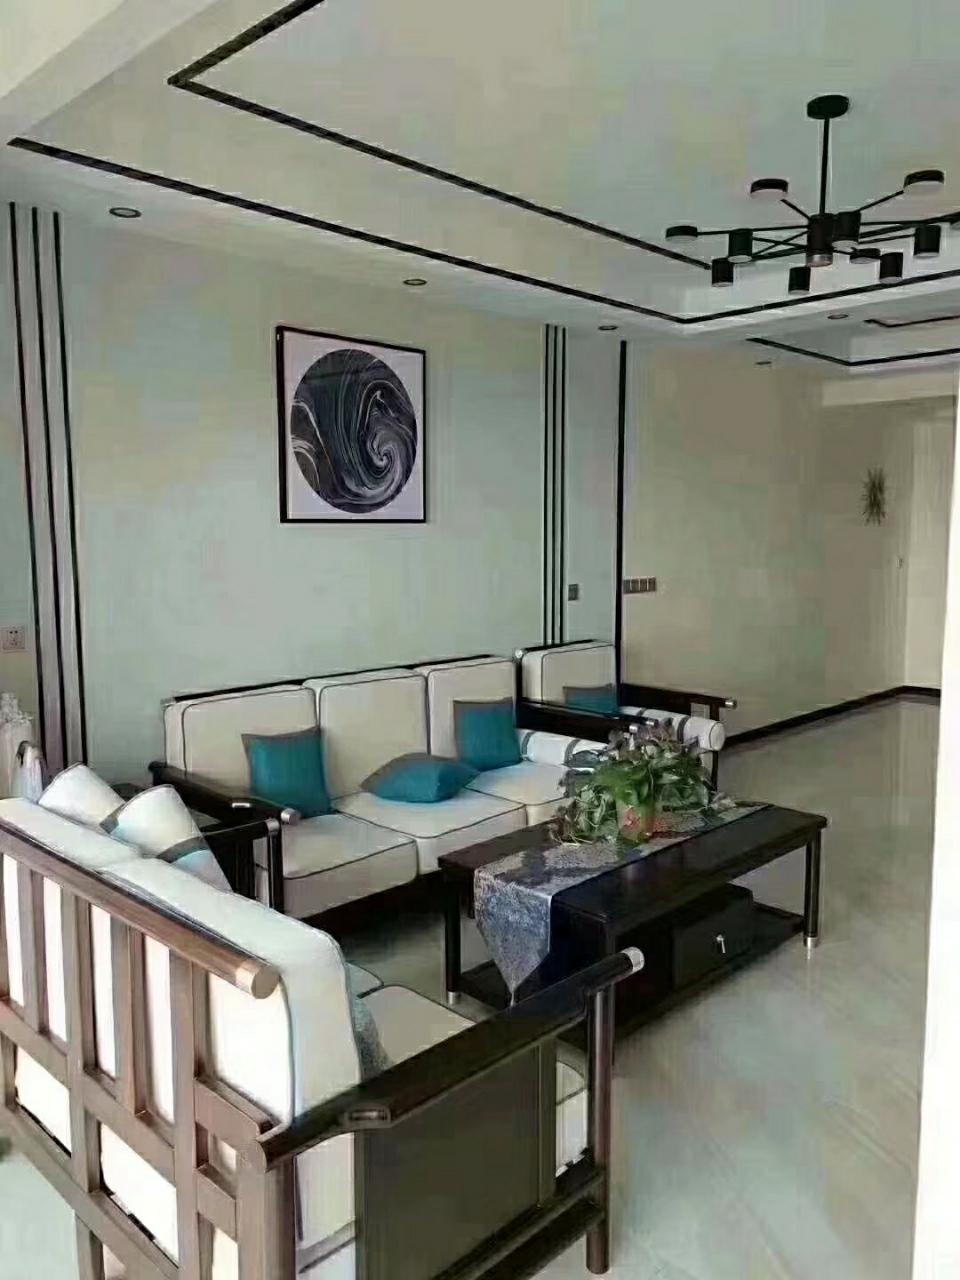 急售超高性价比两校学区房−−-翰林福邸三室全新装修